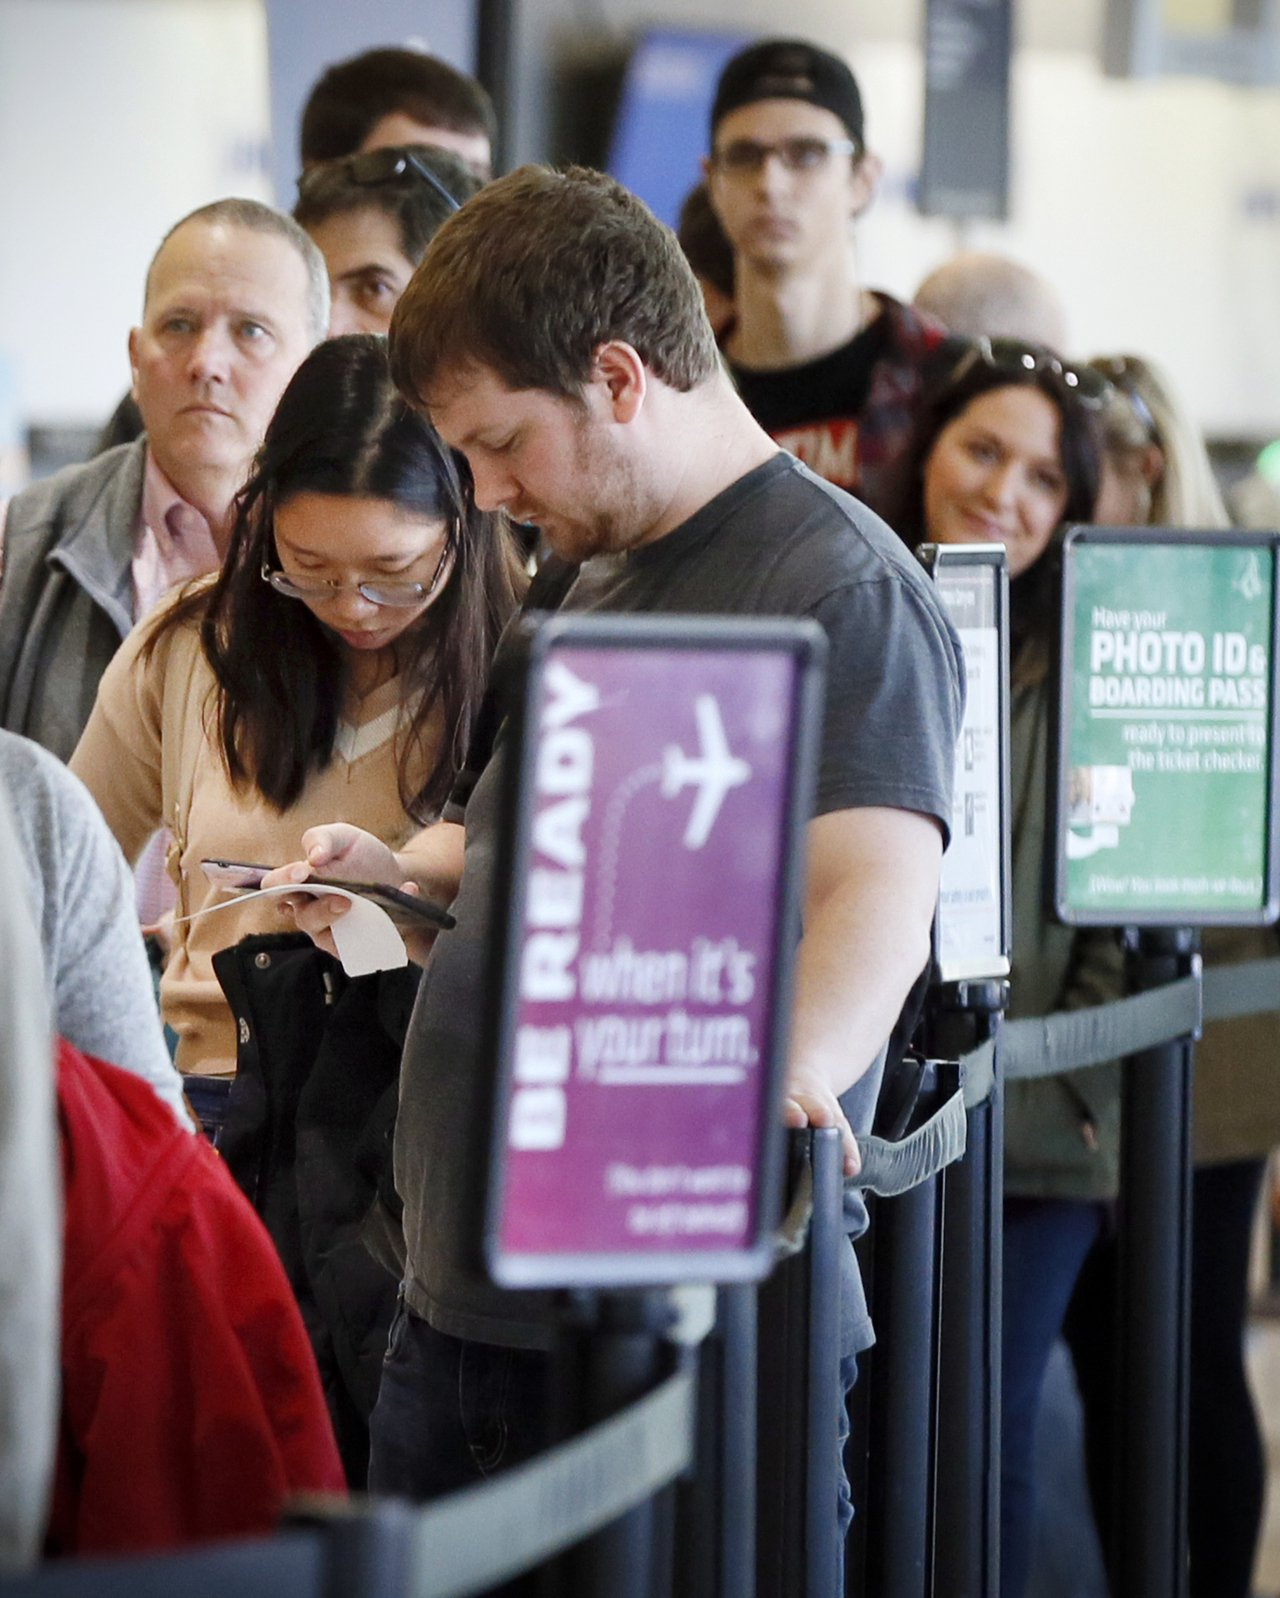 明年10月1日起,美國各航空公司將要求旅客出示全真身分證,或可驗證身分的合法文件...